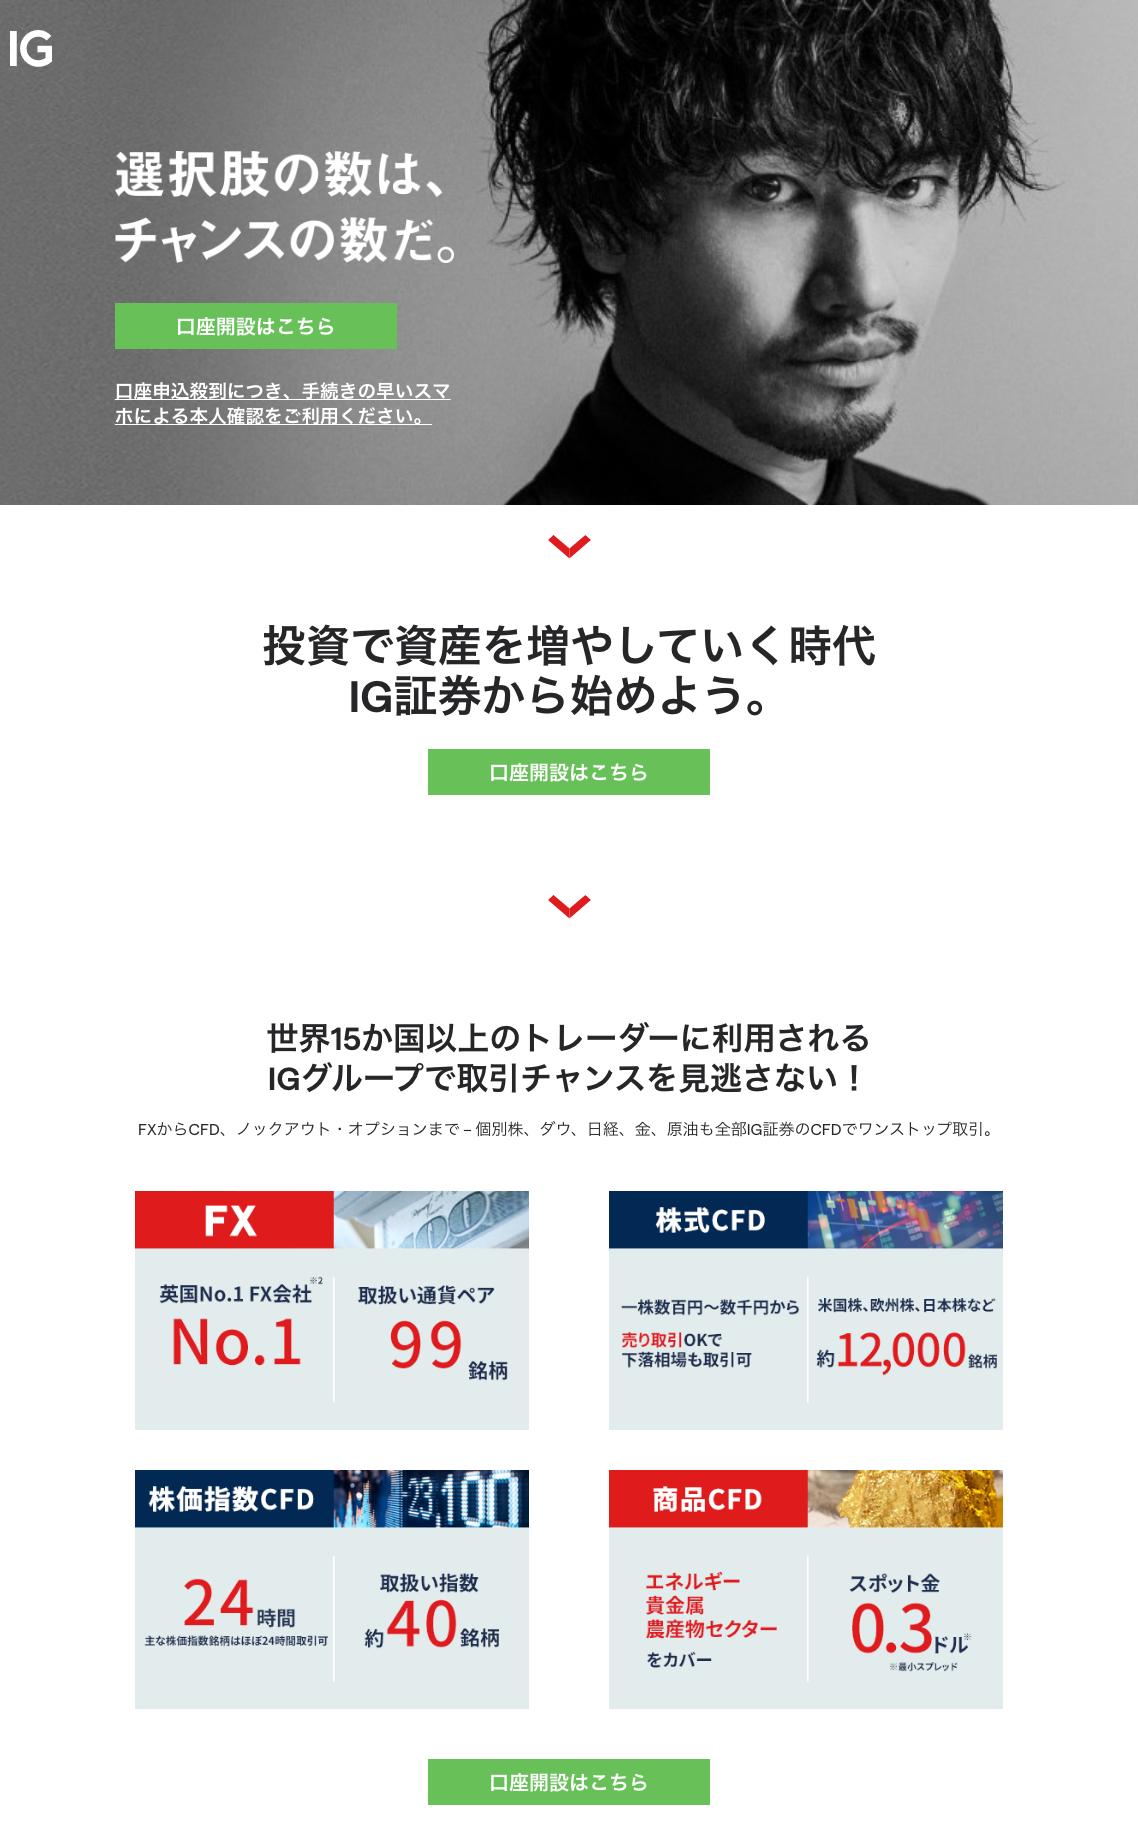 IG証券 広告